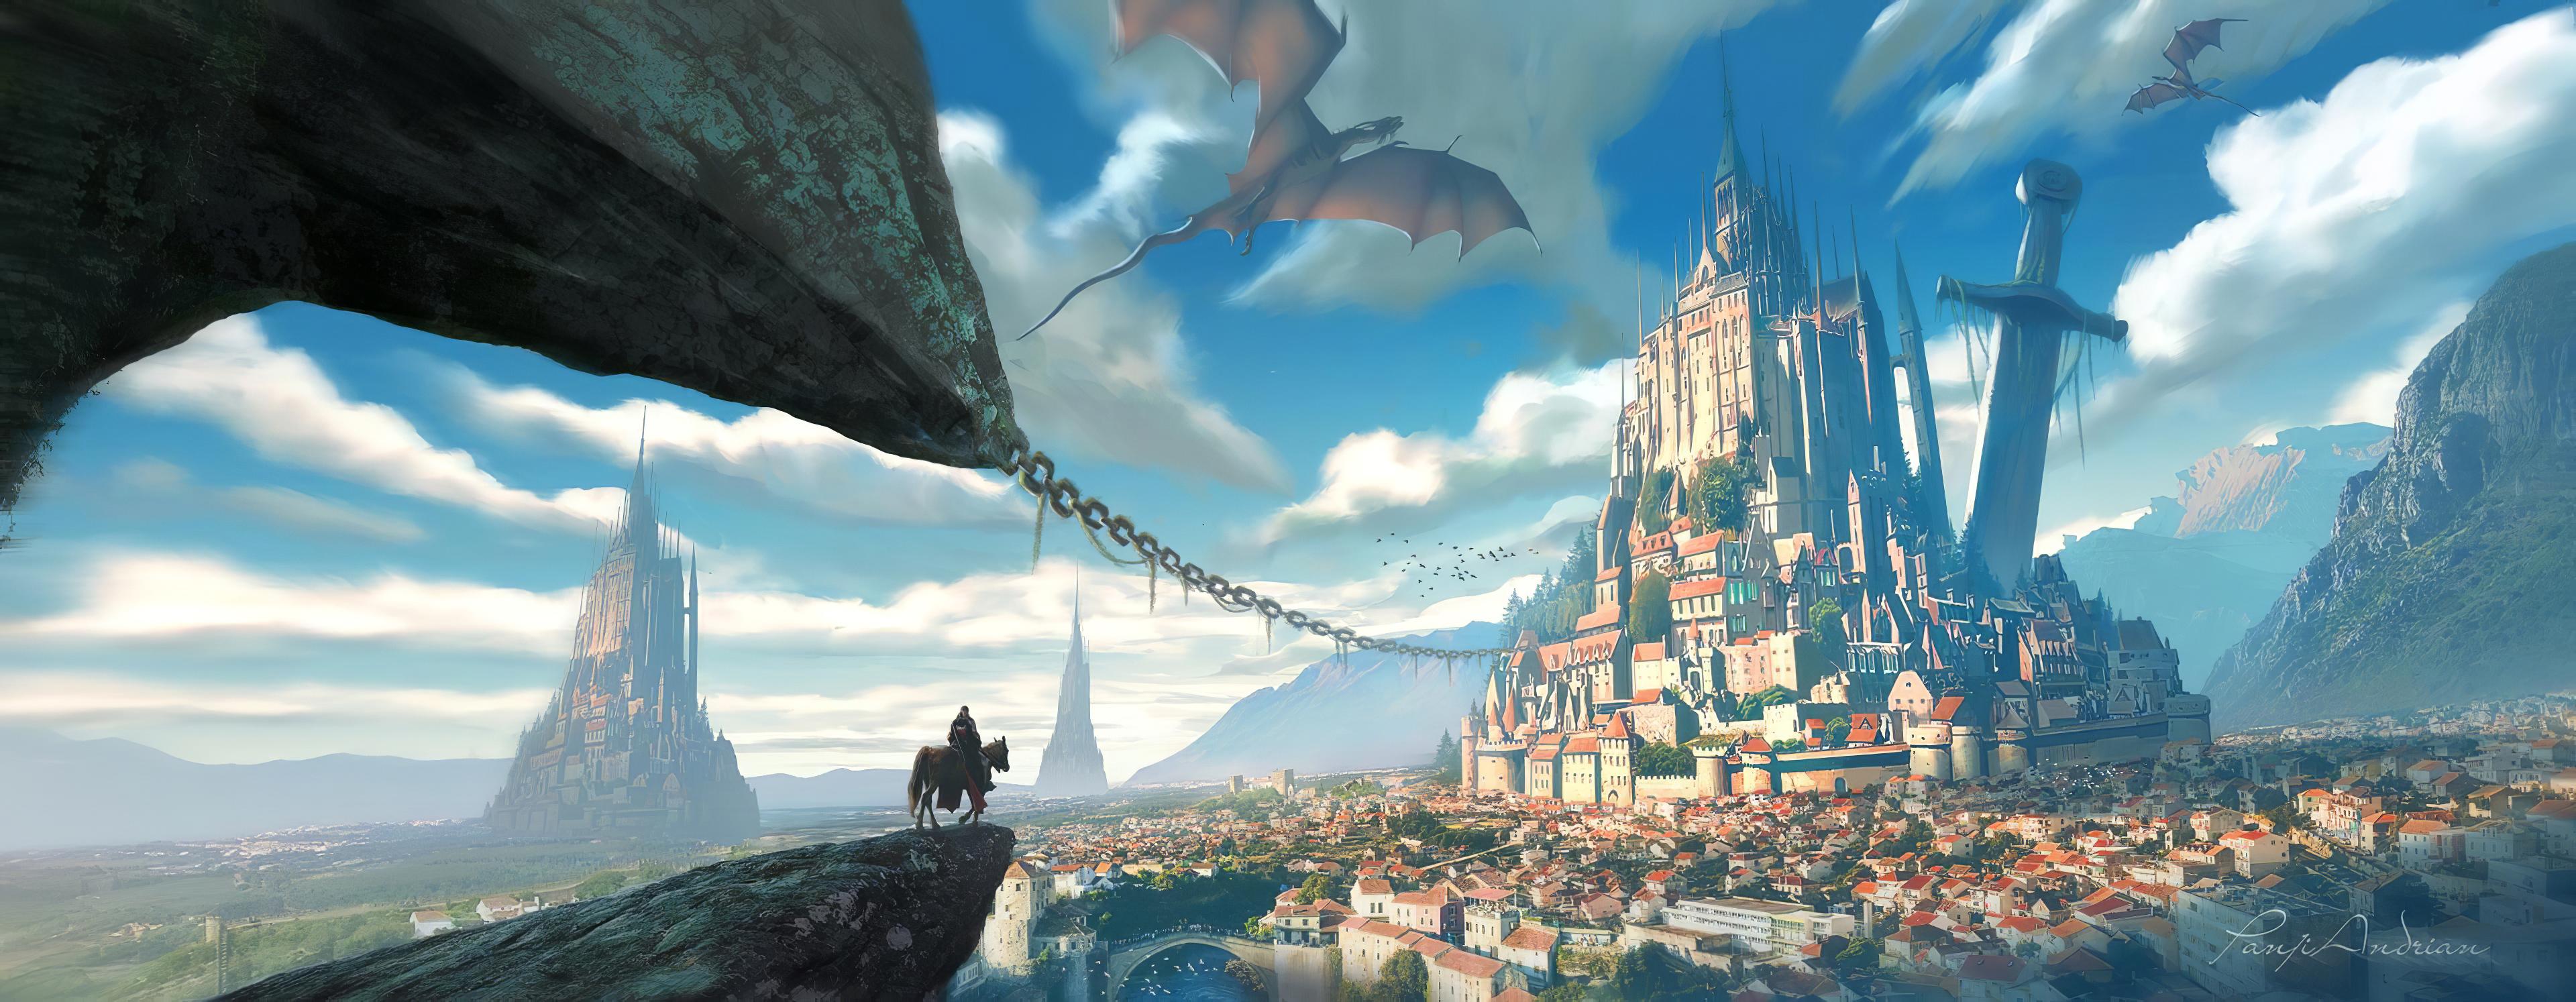 excalibur castle 1578255377 - Excalibur Castle -